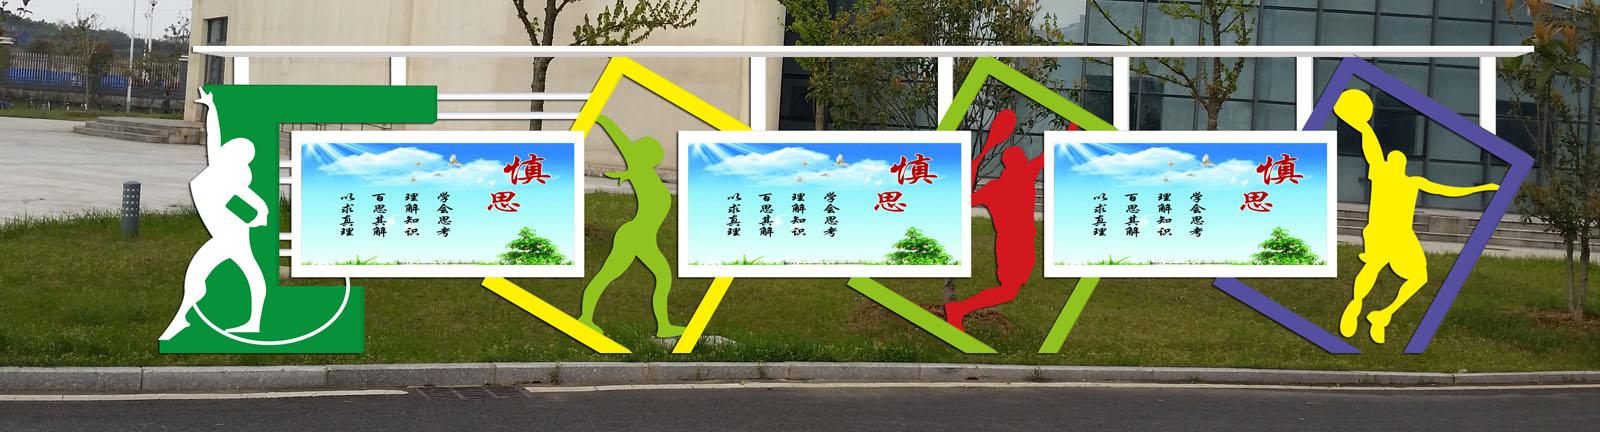 葫芦岛公交候车亭